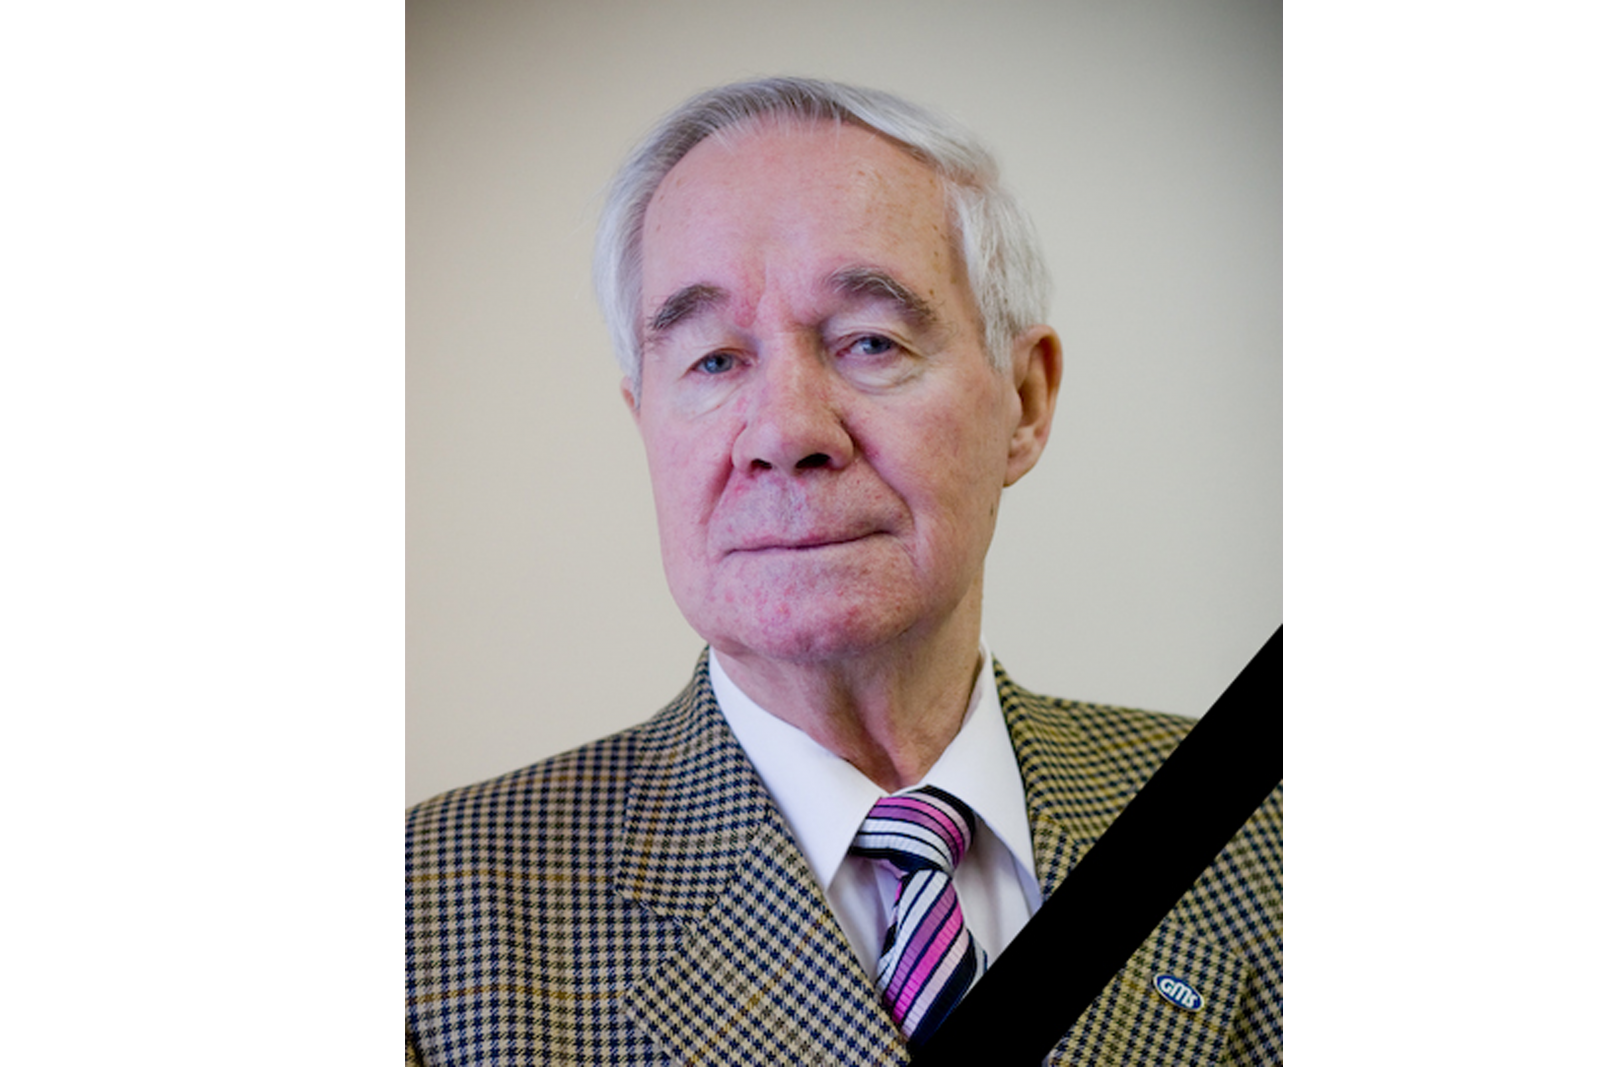 Скончался основатель и научный руководитель Международной высшей школы управления Василий Романович Окороков